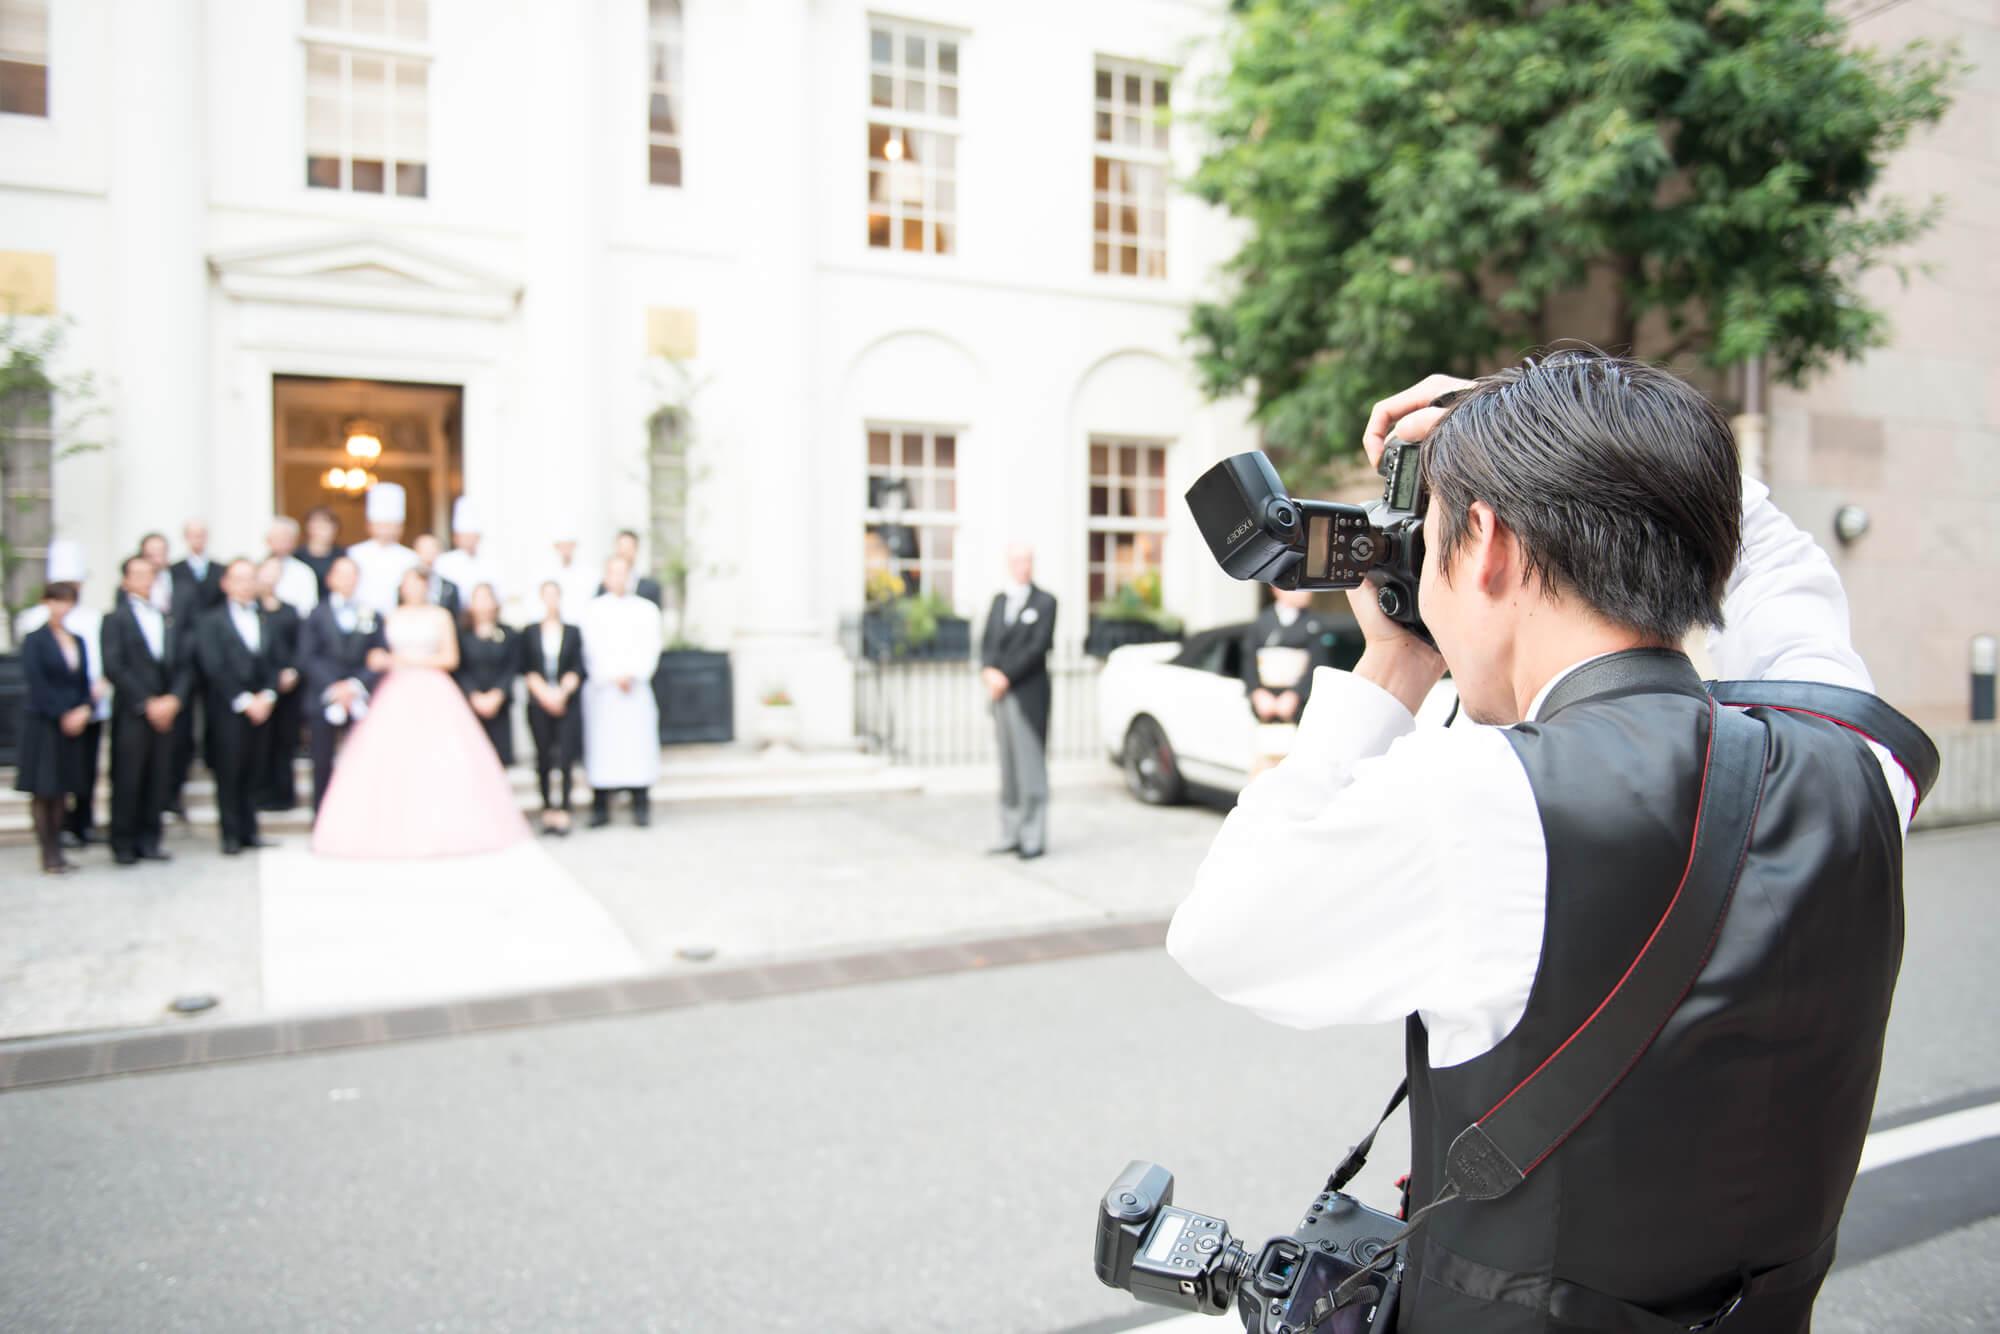 結婚式ムービーなどのプライベートイベントの動画は、結婚式限定の動画制作会社やフリーランスへの依頼であれば3万円以下の低価格での政策も可能です。その場合は写真などの準備を自身で行う必要があります。